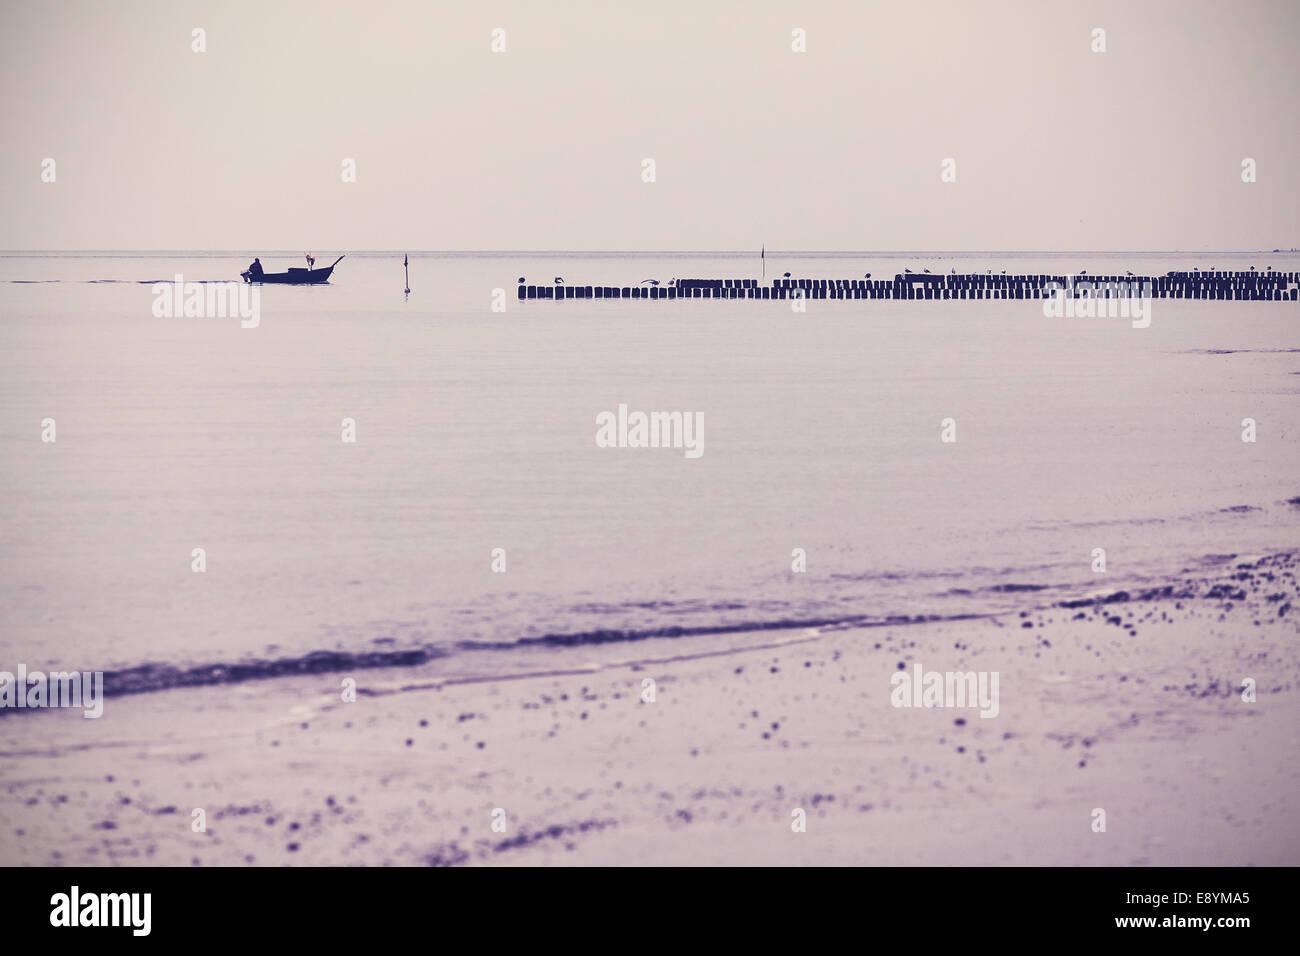 Nostalgic retro filtered sea landscape background. - Stock Image